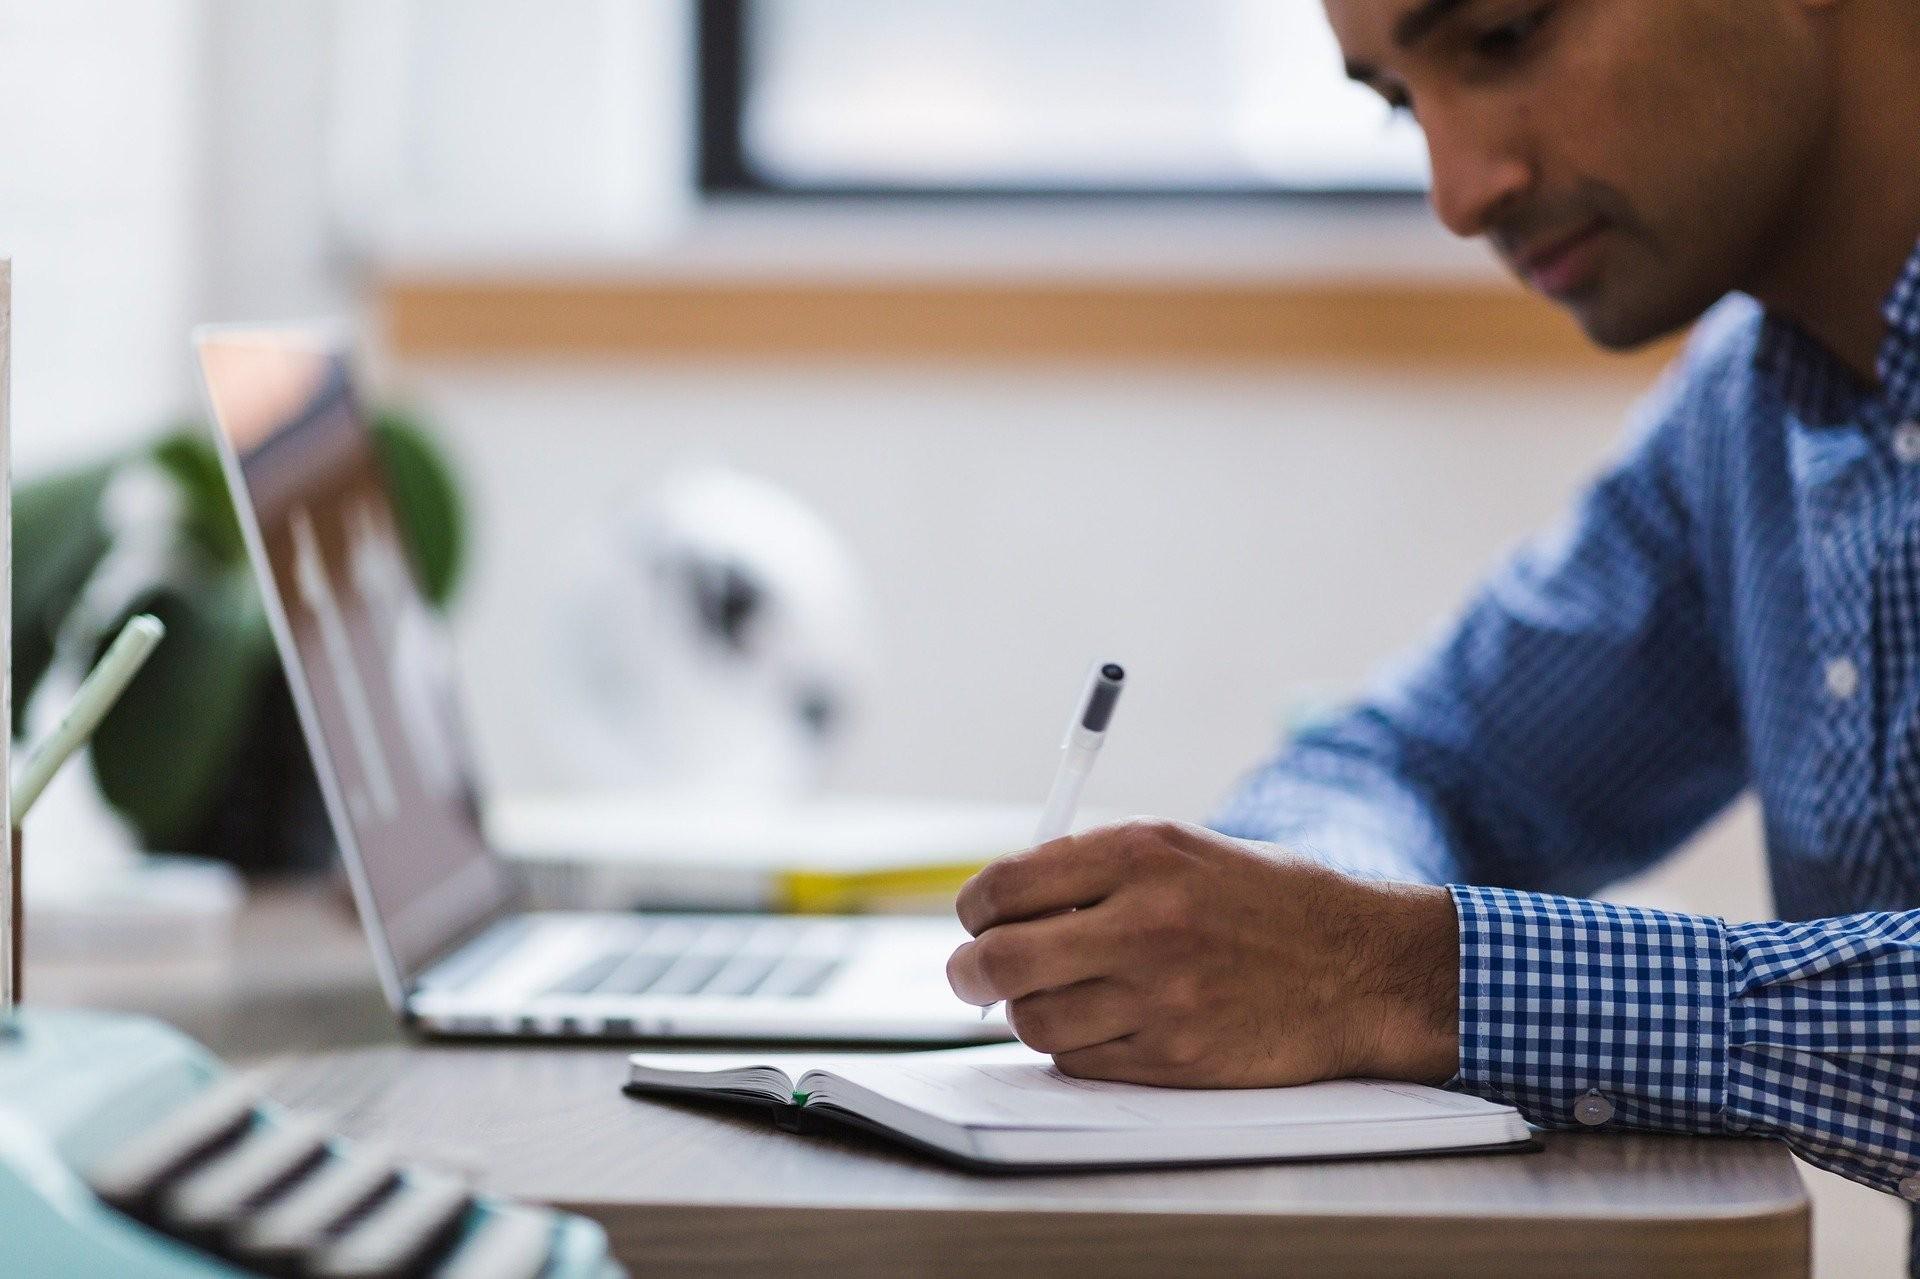 Abertas inscrições para cursos de qualificação e aperfeiçoamento da Secretaria do Trabalho estadual